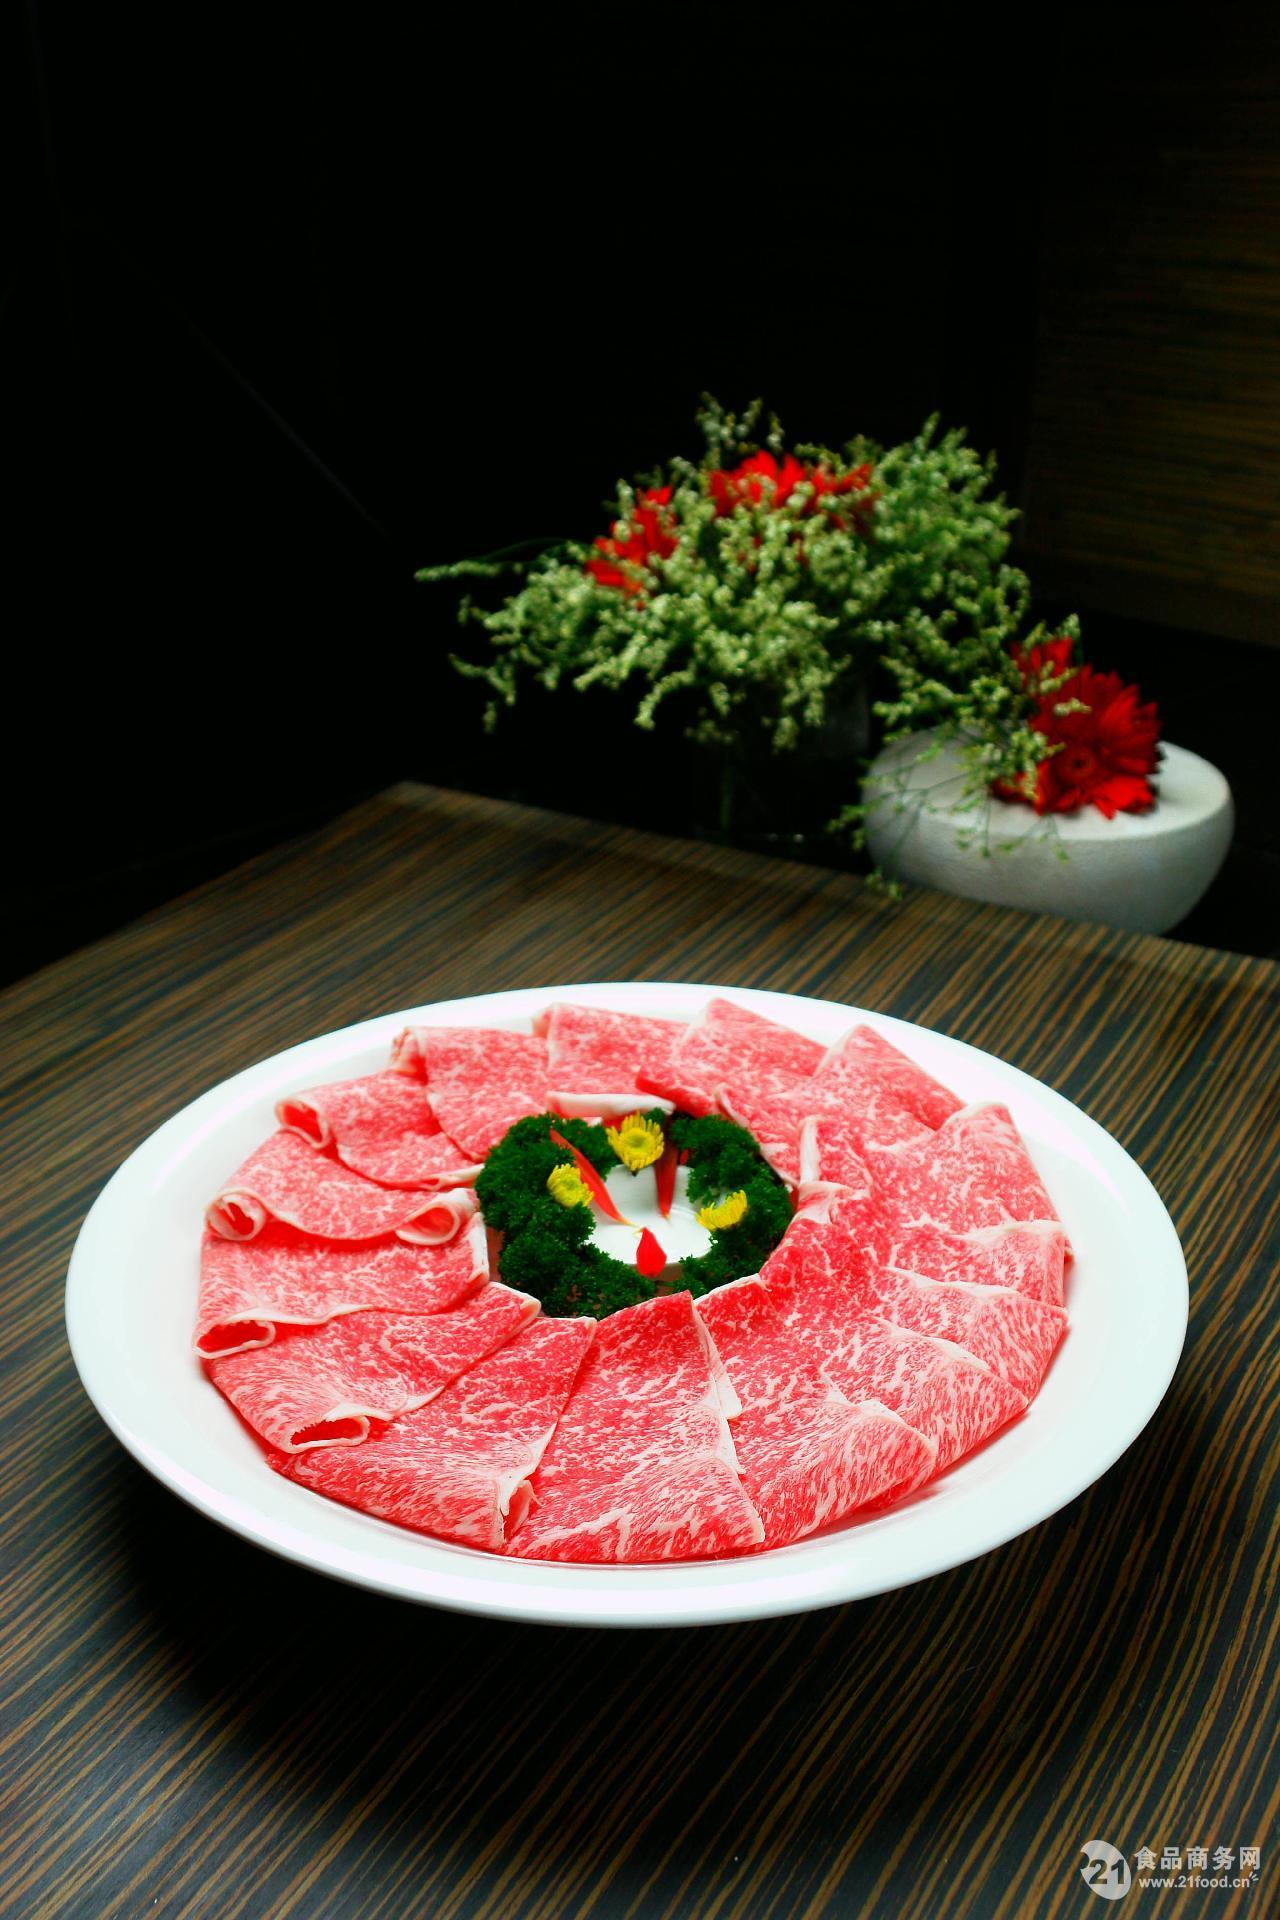 雪花牛肉系列产品